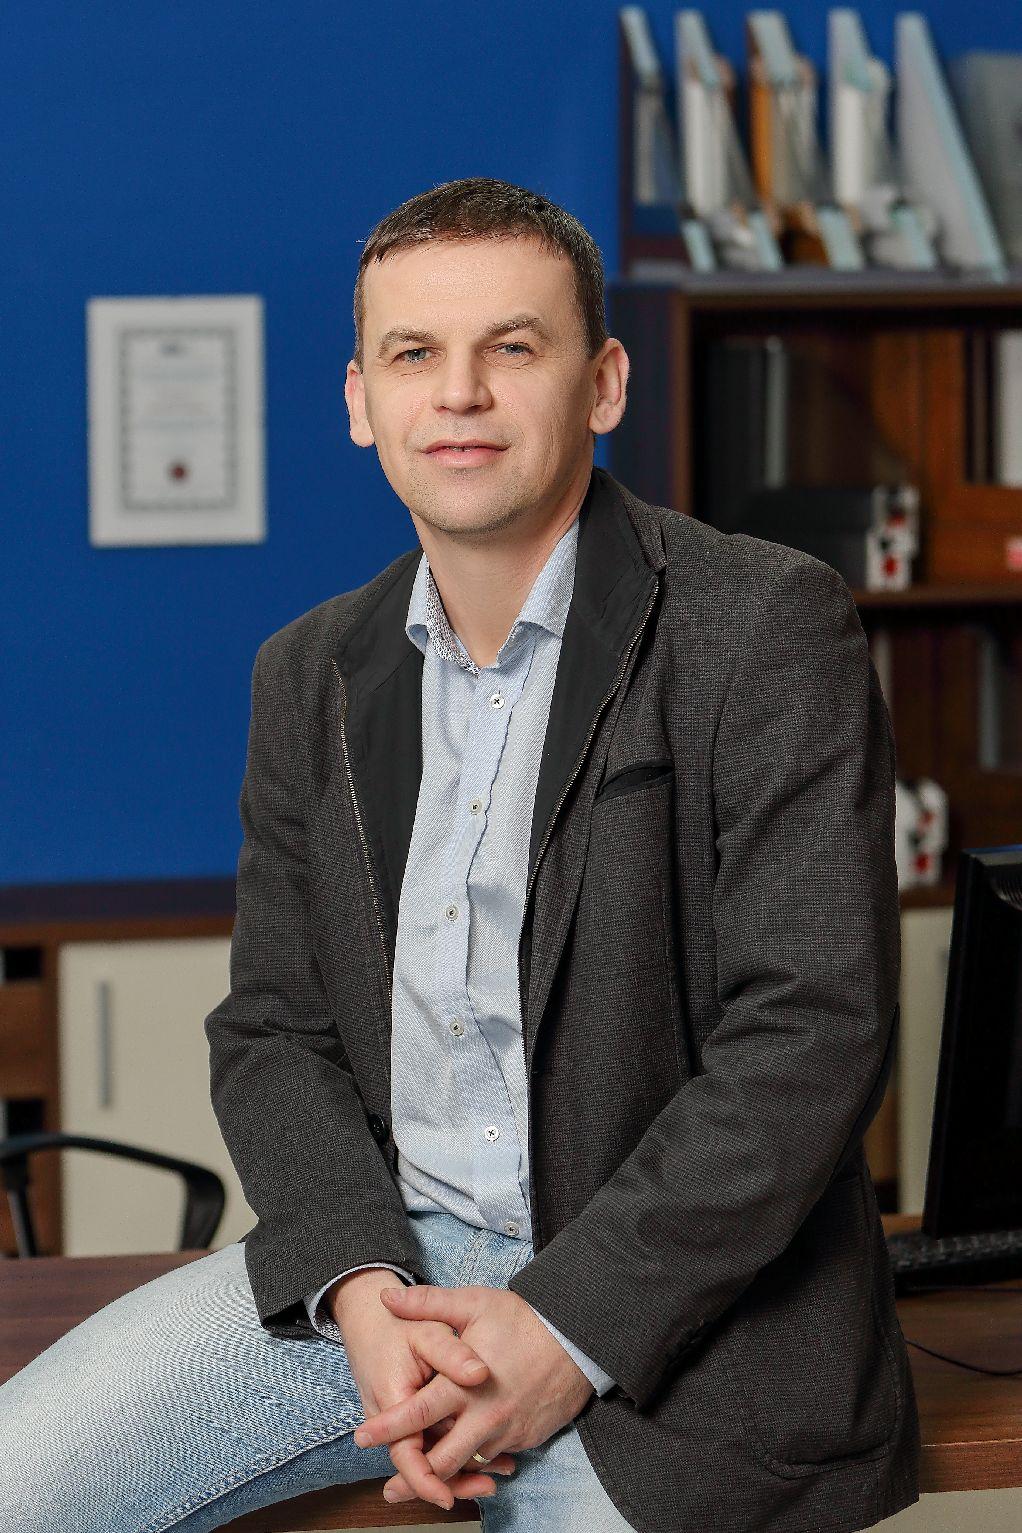 Konateľ spločnosti pán Miroslav Jastrabík